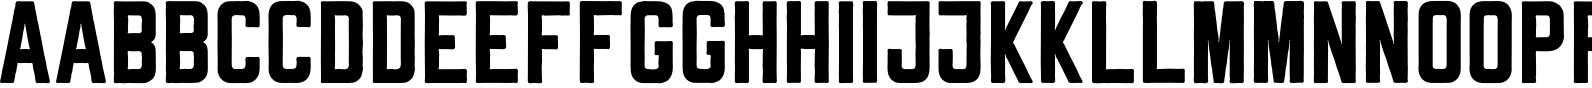 Rheiborn Font Duo